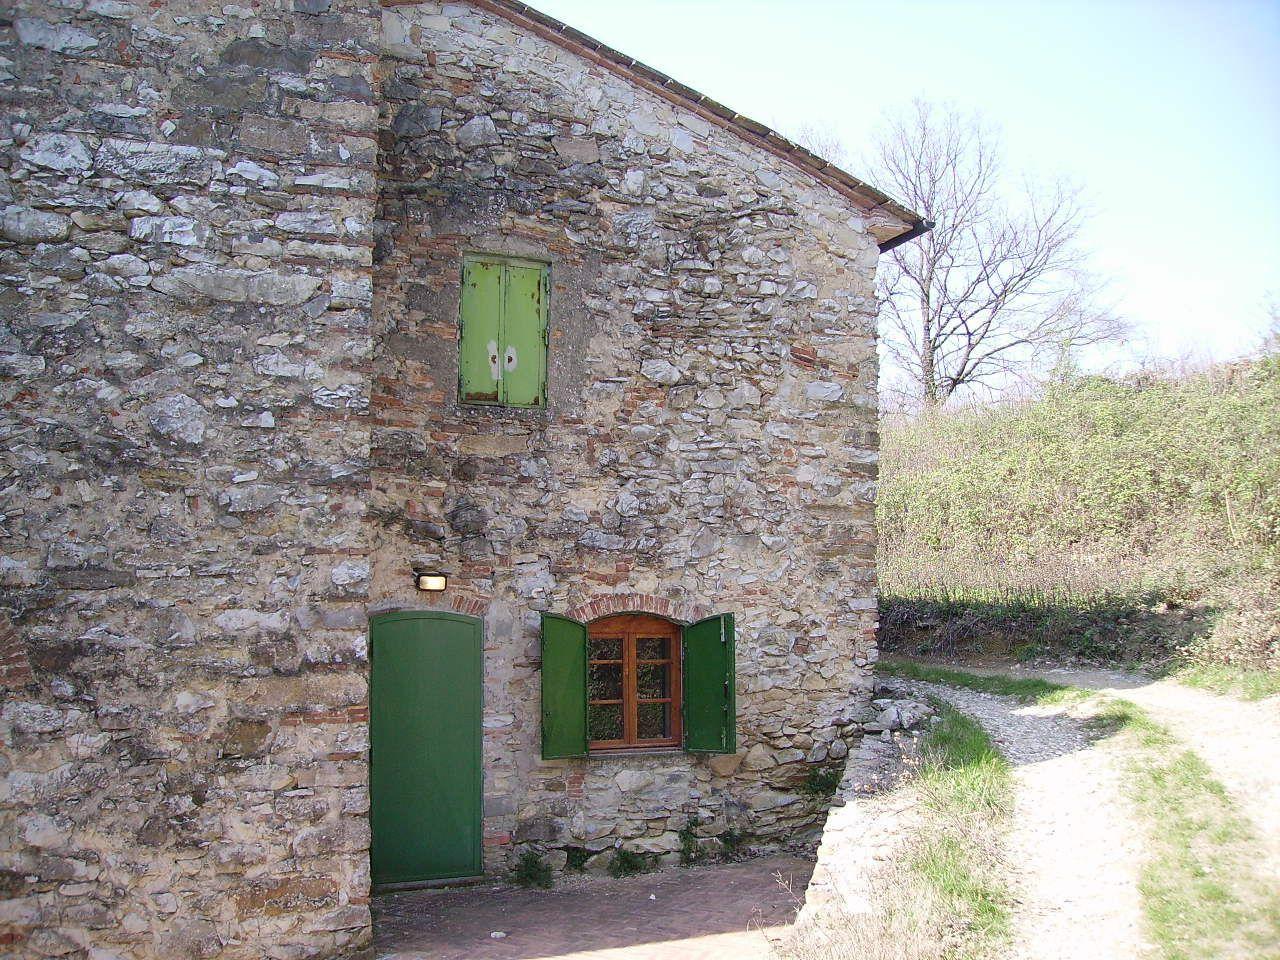 Rustico / Casale in vendita a Serravalle Pistoiese, 8 locali, prezzo € 490.000 | CambioCasa.it